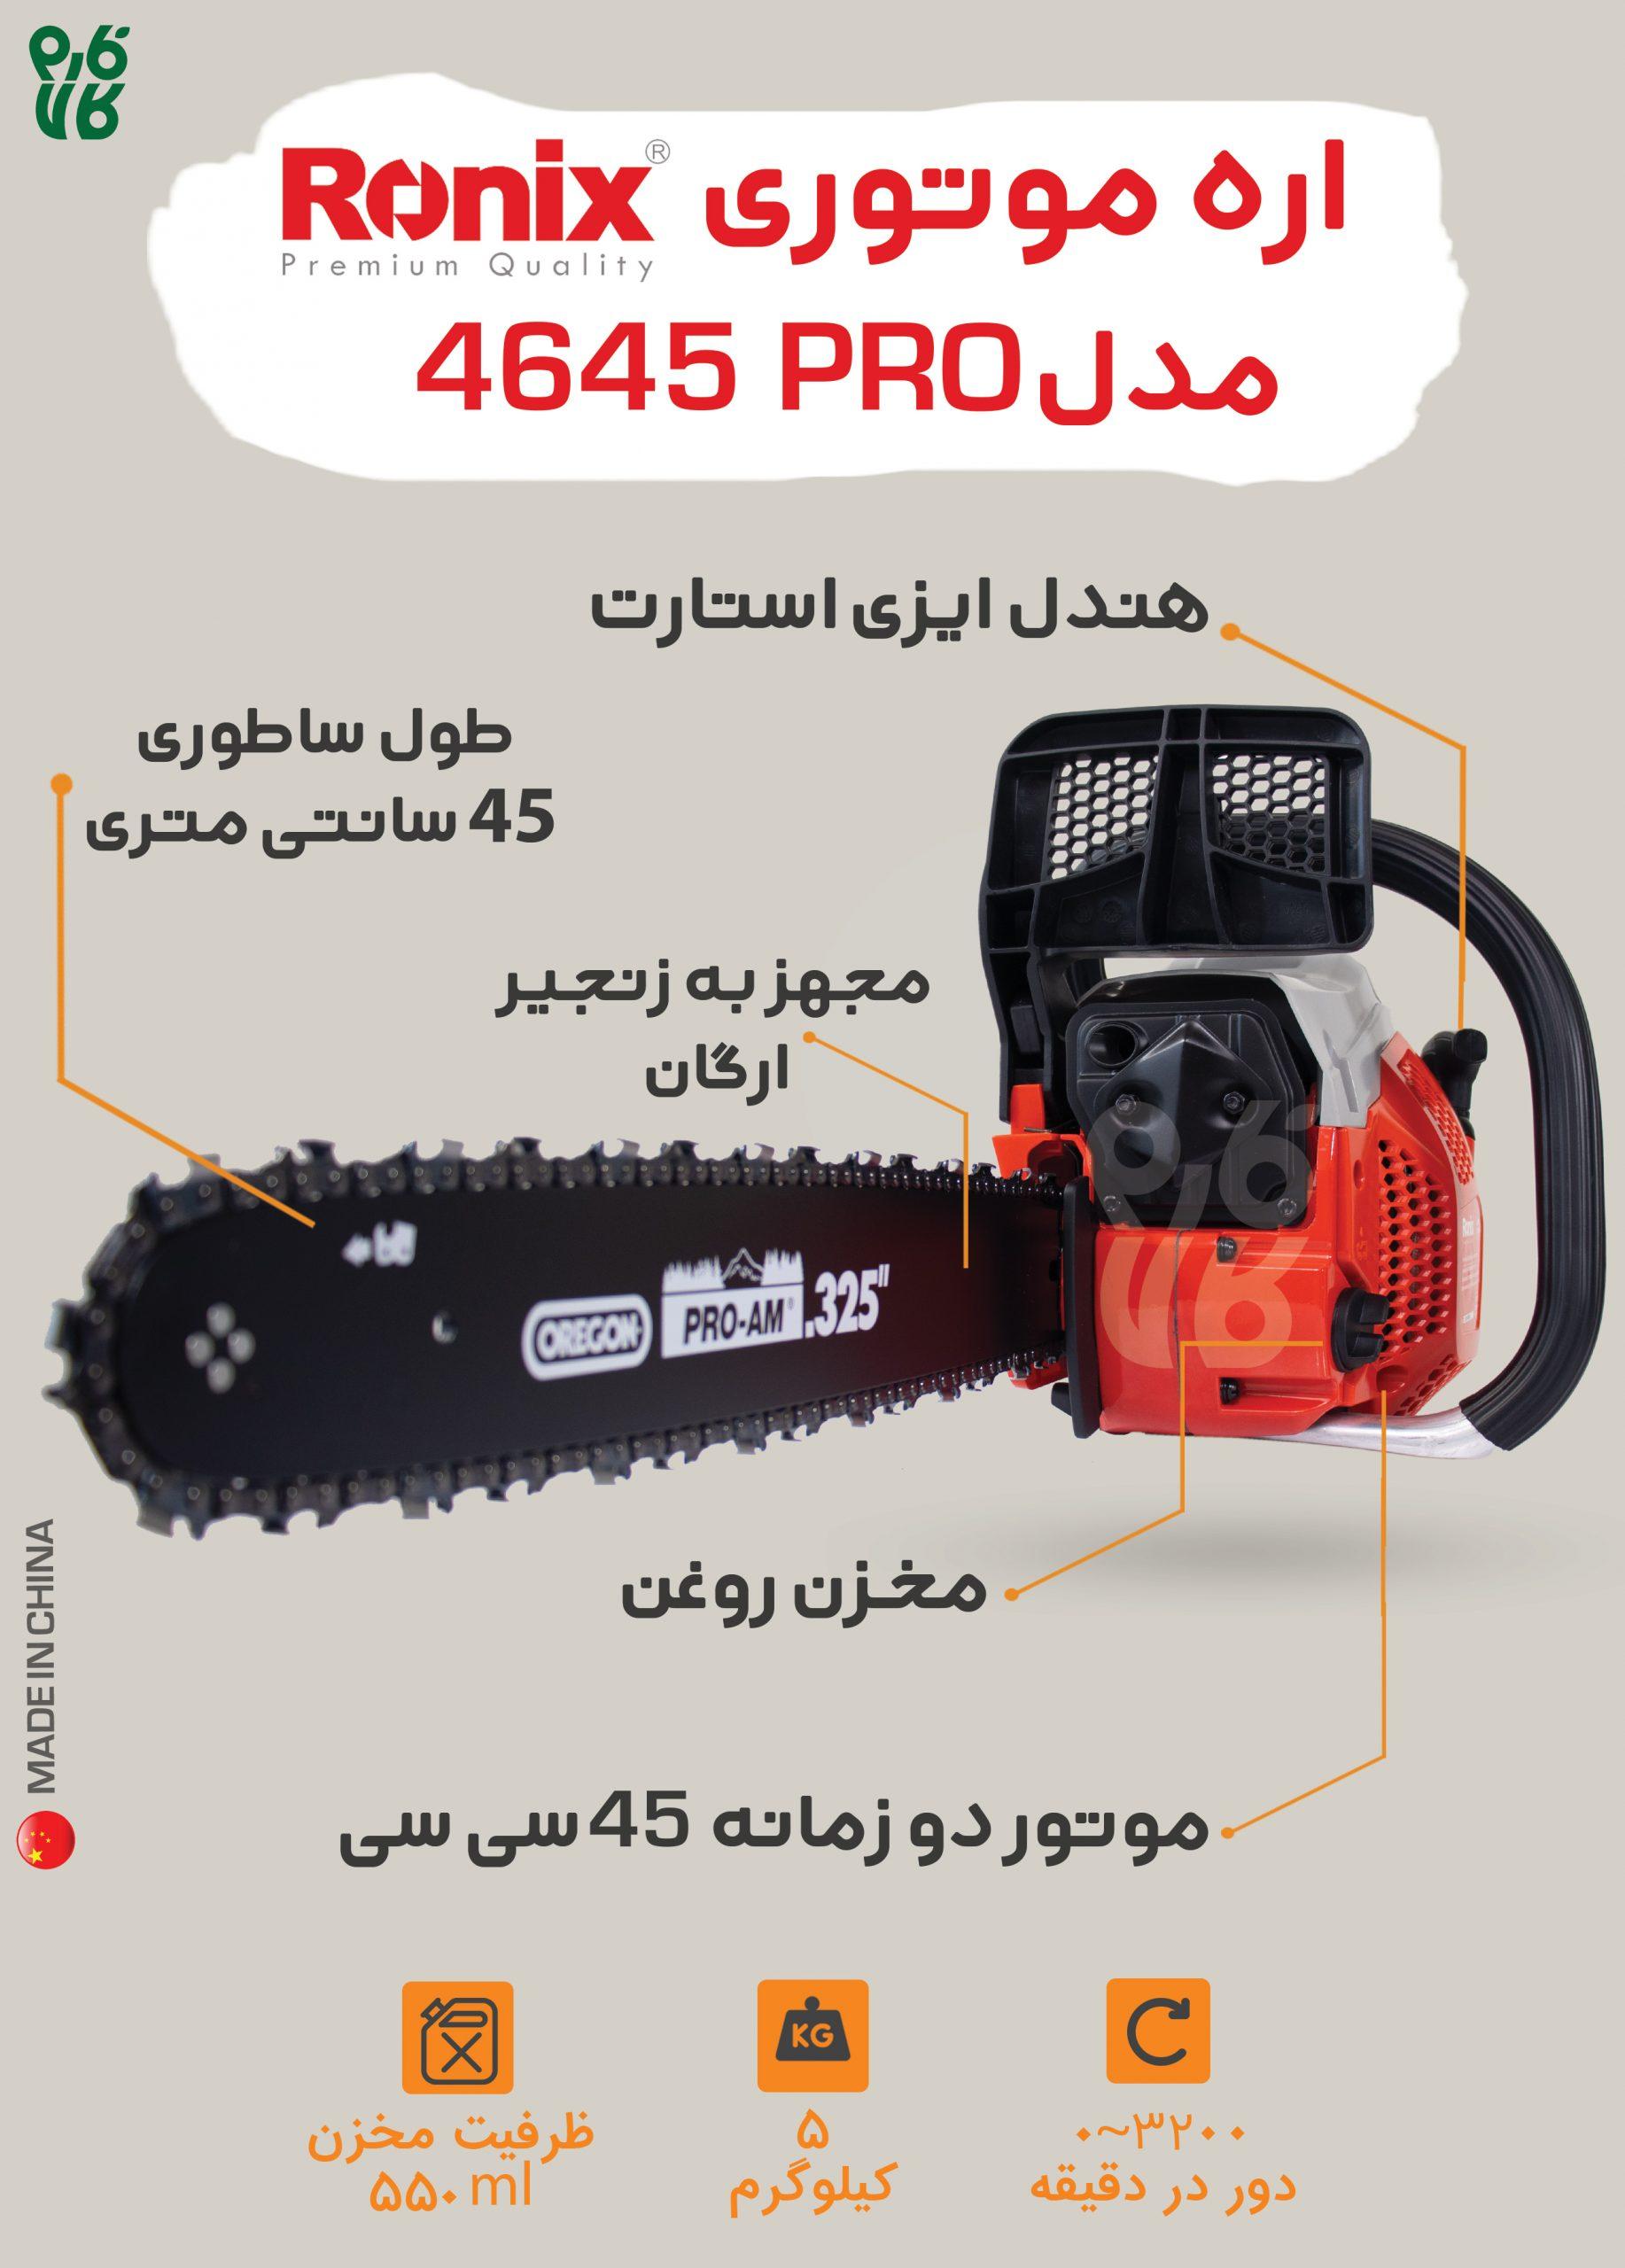 اره زنجیری بنزینی رونیکس 4645PRO - قیمت اره موتوری - قیمت اره زنجیری - اره موتوری رونیکس - اره موتوری هیوندای - مشخصات اره زنجیری